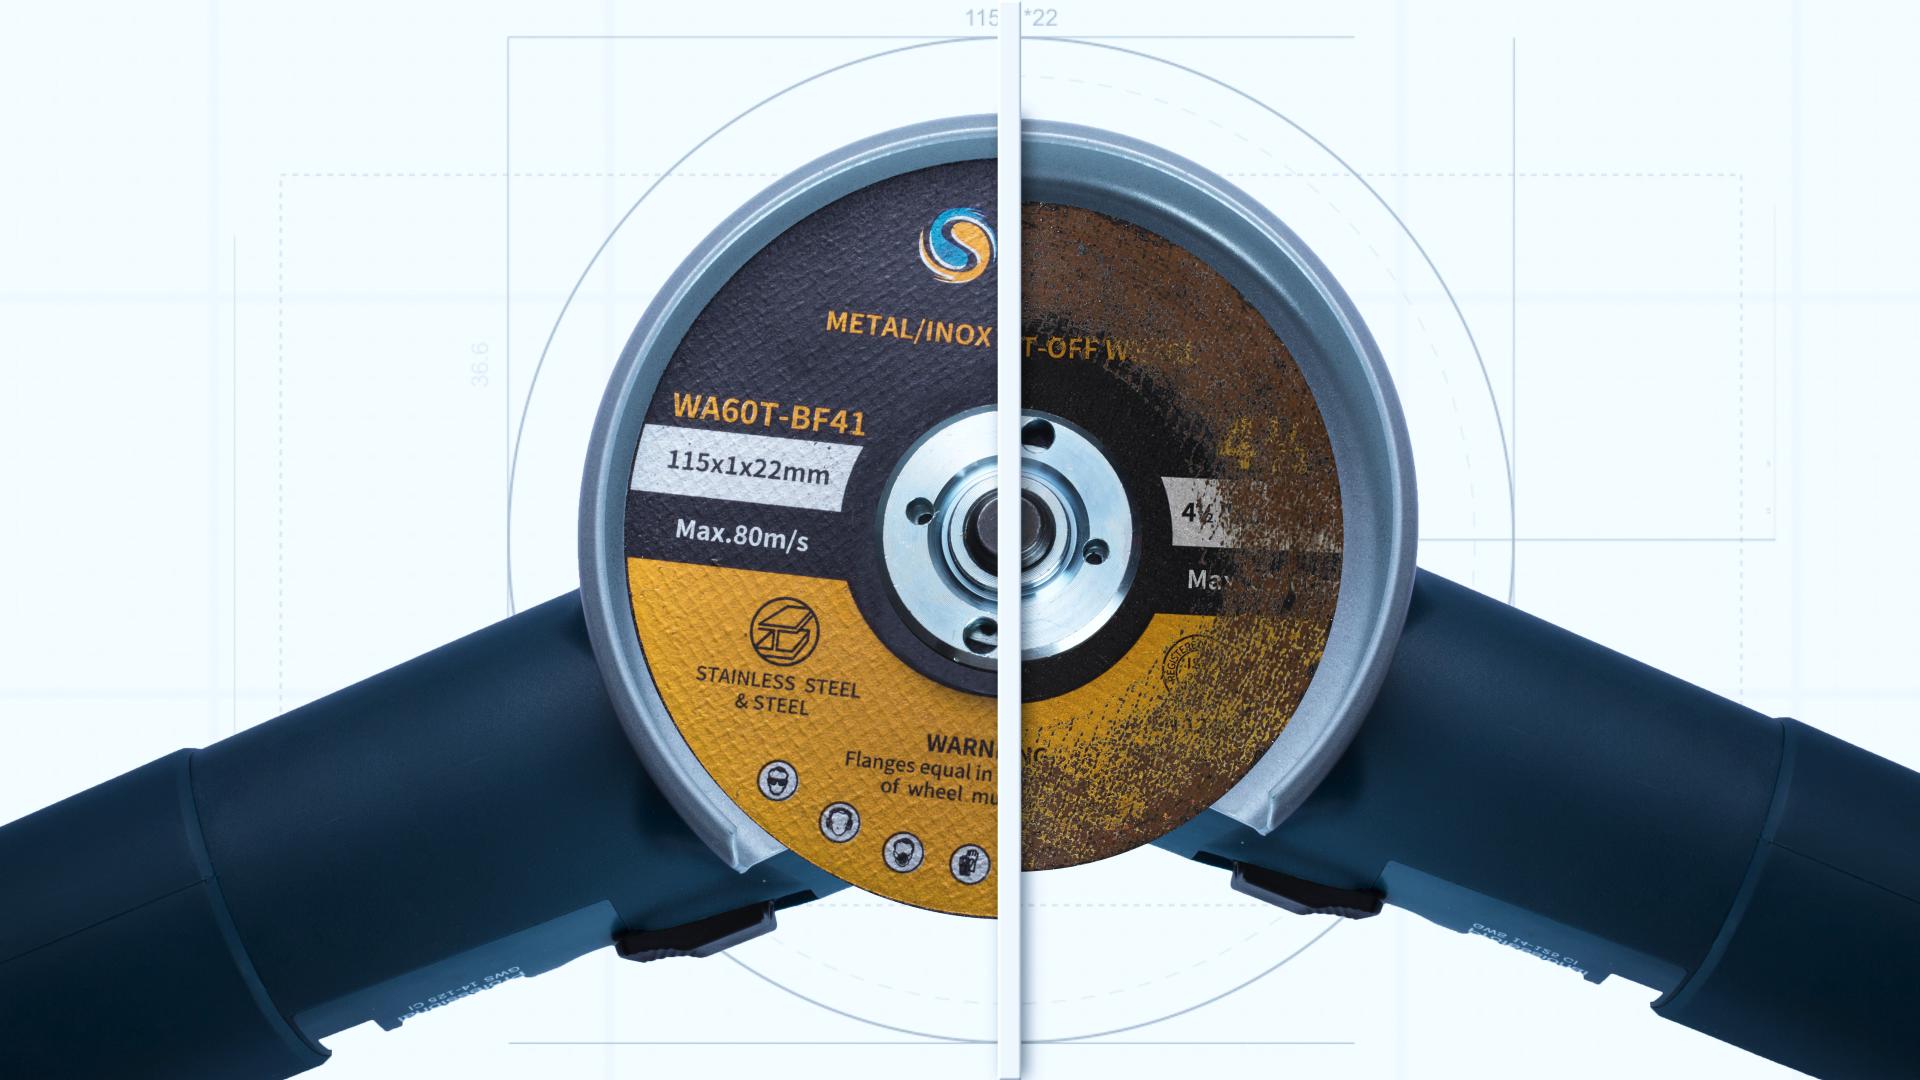 SATC ad Alta velocità 5-pollici 125*1*22 Ruota di Taglio/Disco di Taglio Per Acciaio Inox/acciaio per il Taglio di acciaio con certificato MPA